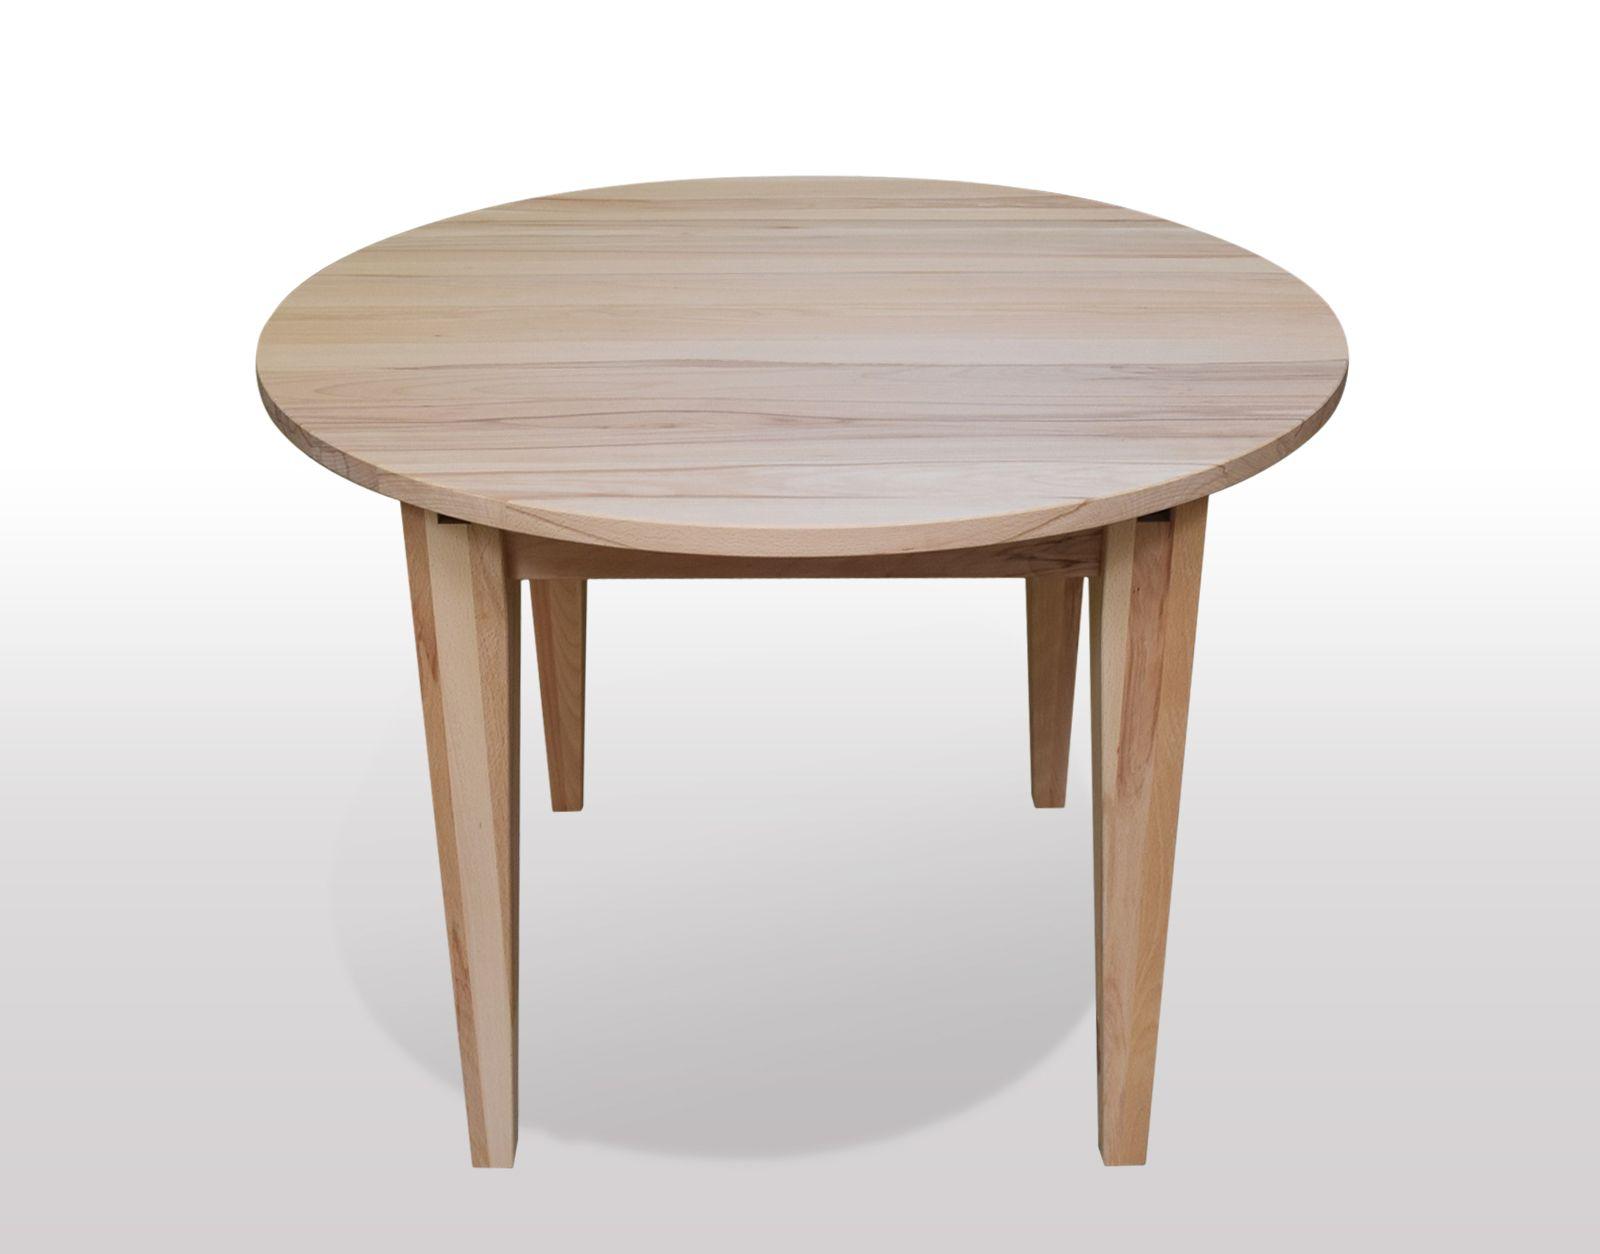 runder esstisch aus kernbuche massiv ausf hrung als 4 bein esstisch mit konischen beinen. Black Bedroom Furniture Sets. Home Design Ideas